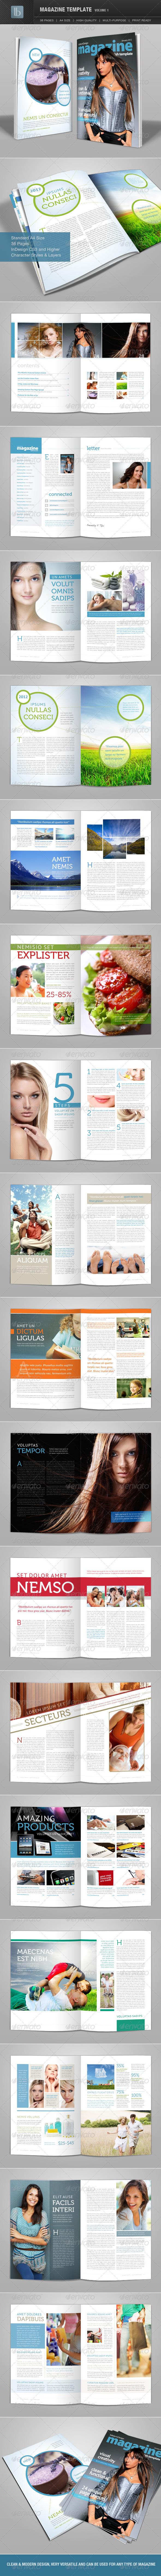 GraphicRiver Magazine Template Volume 1 1614020